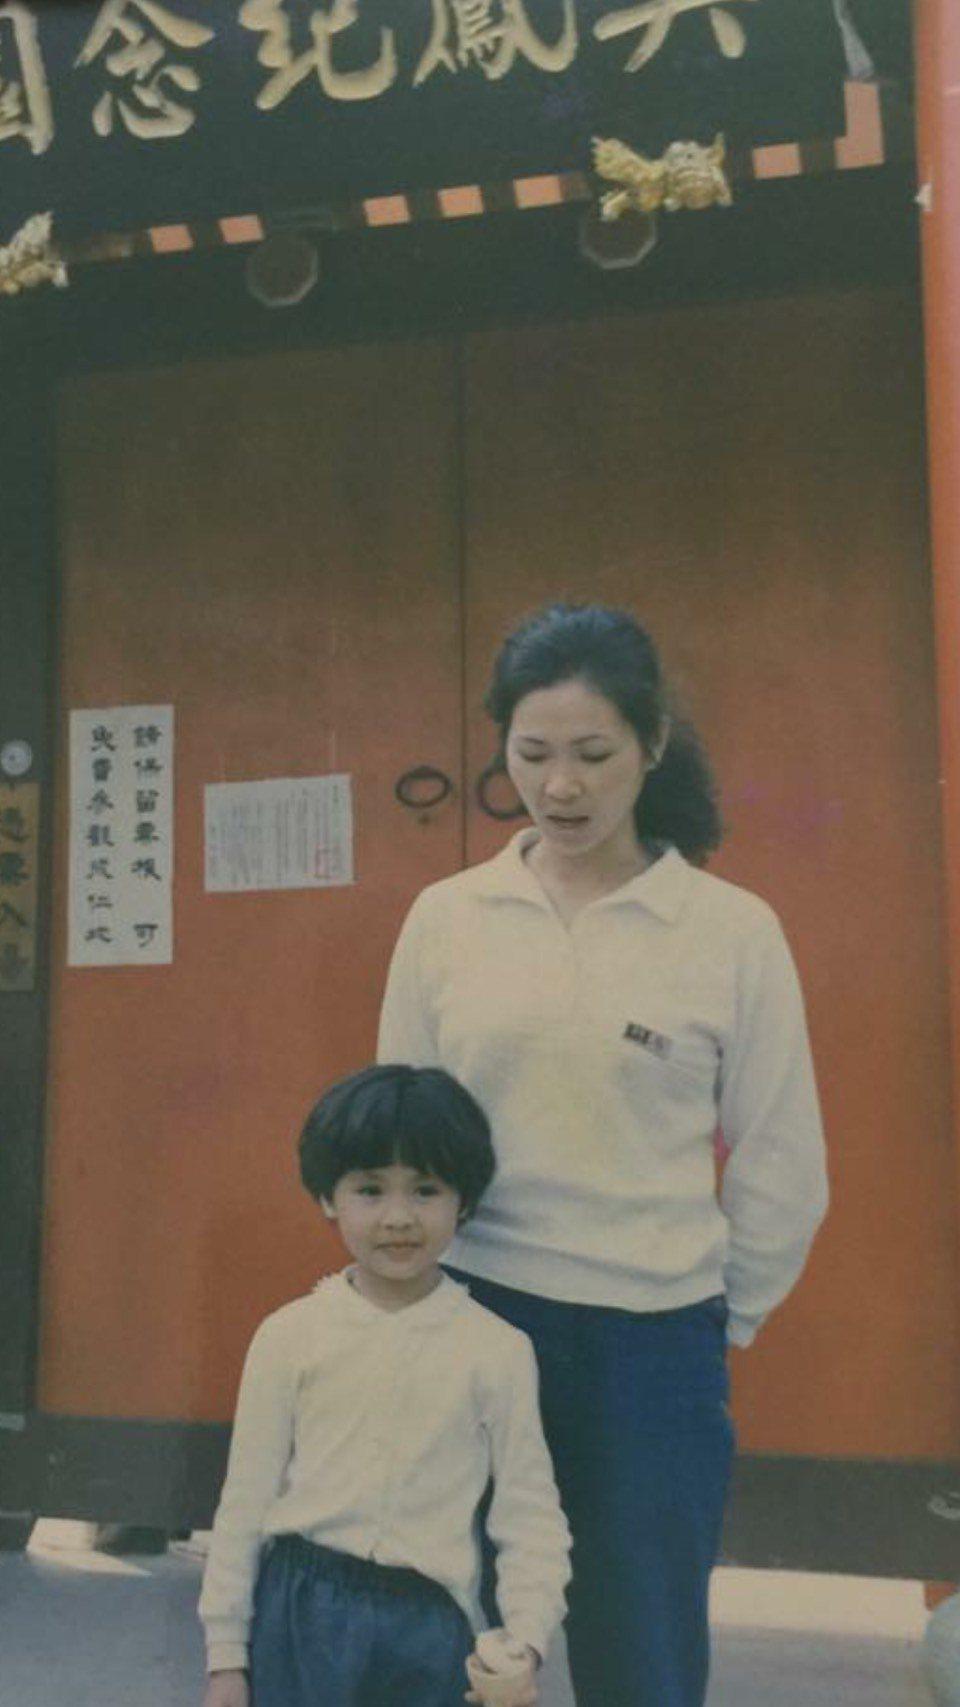 吳淑敏、媽媽母女情深,小時候就是媽媽帶著她到處跑場演唱。圖/摘自吳淑敏臉書